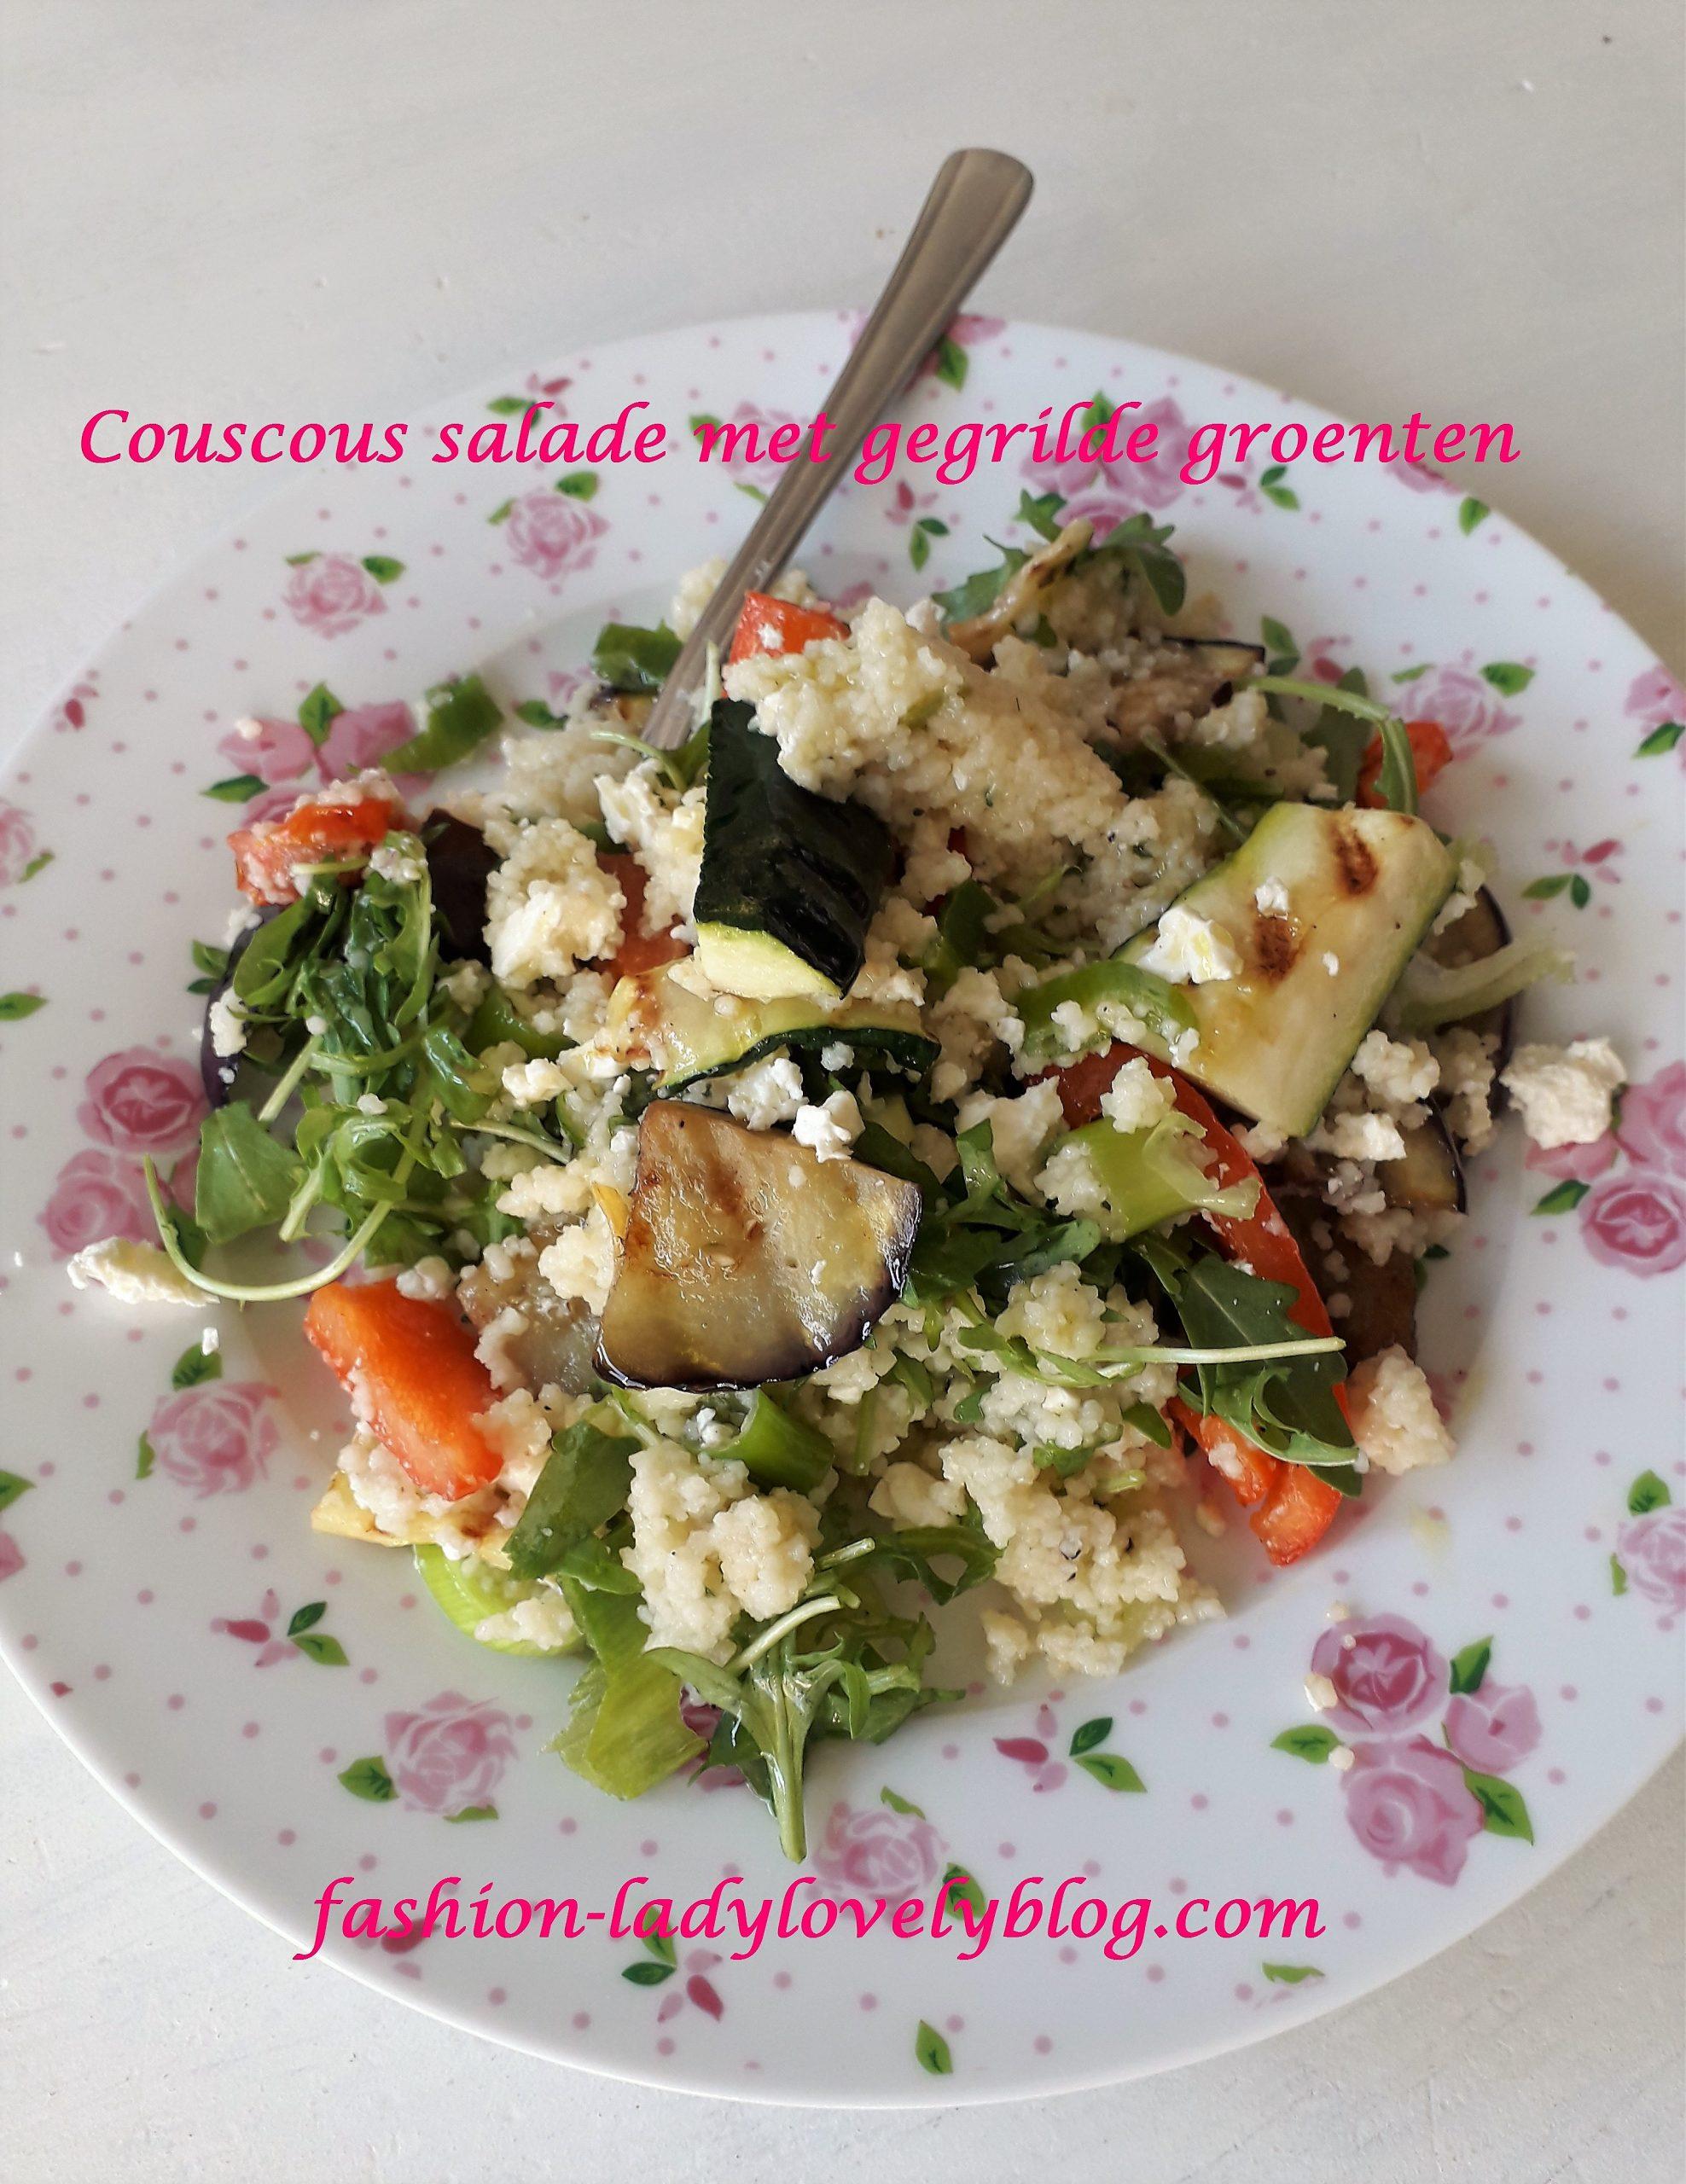 Couscous salade met gegrilde groenten